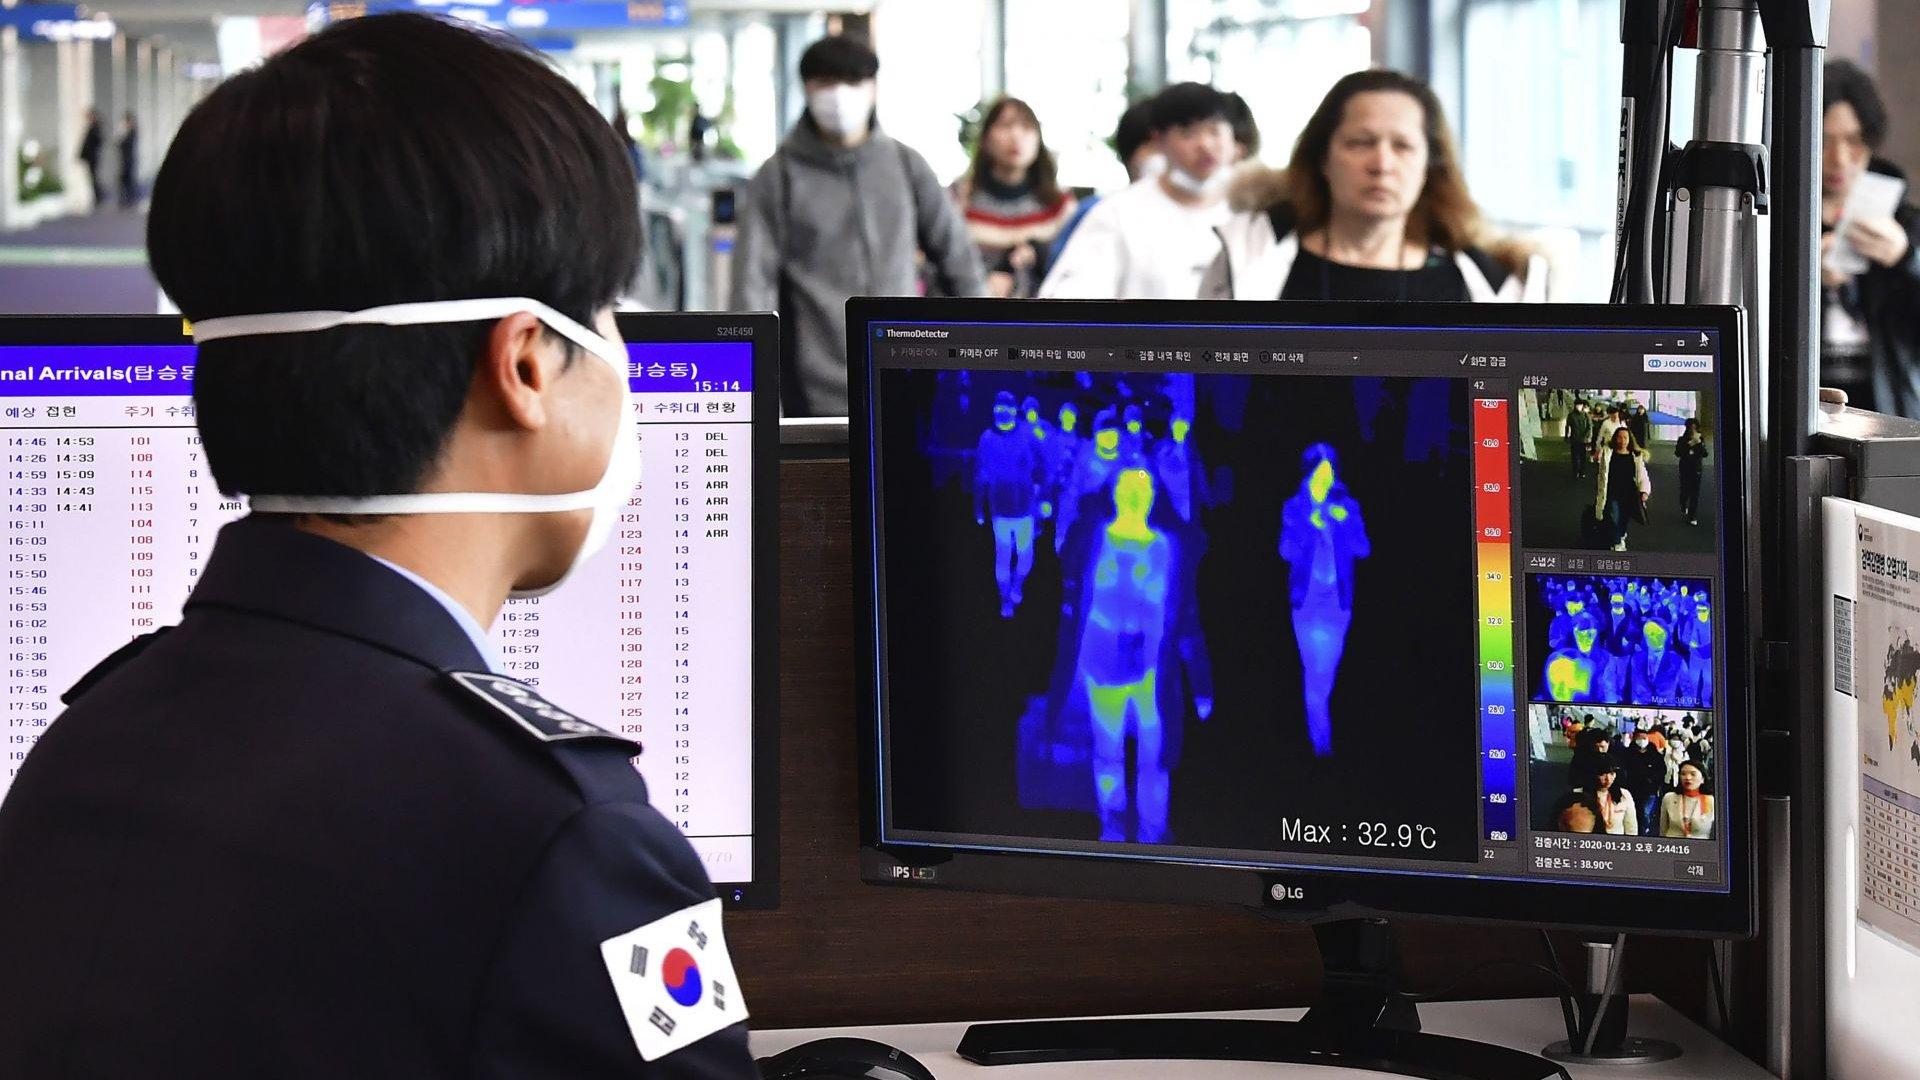 Външно министерство излезе с препоръки за китайския вирус